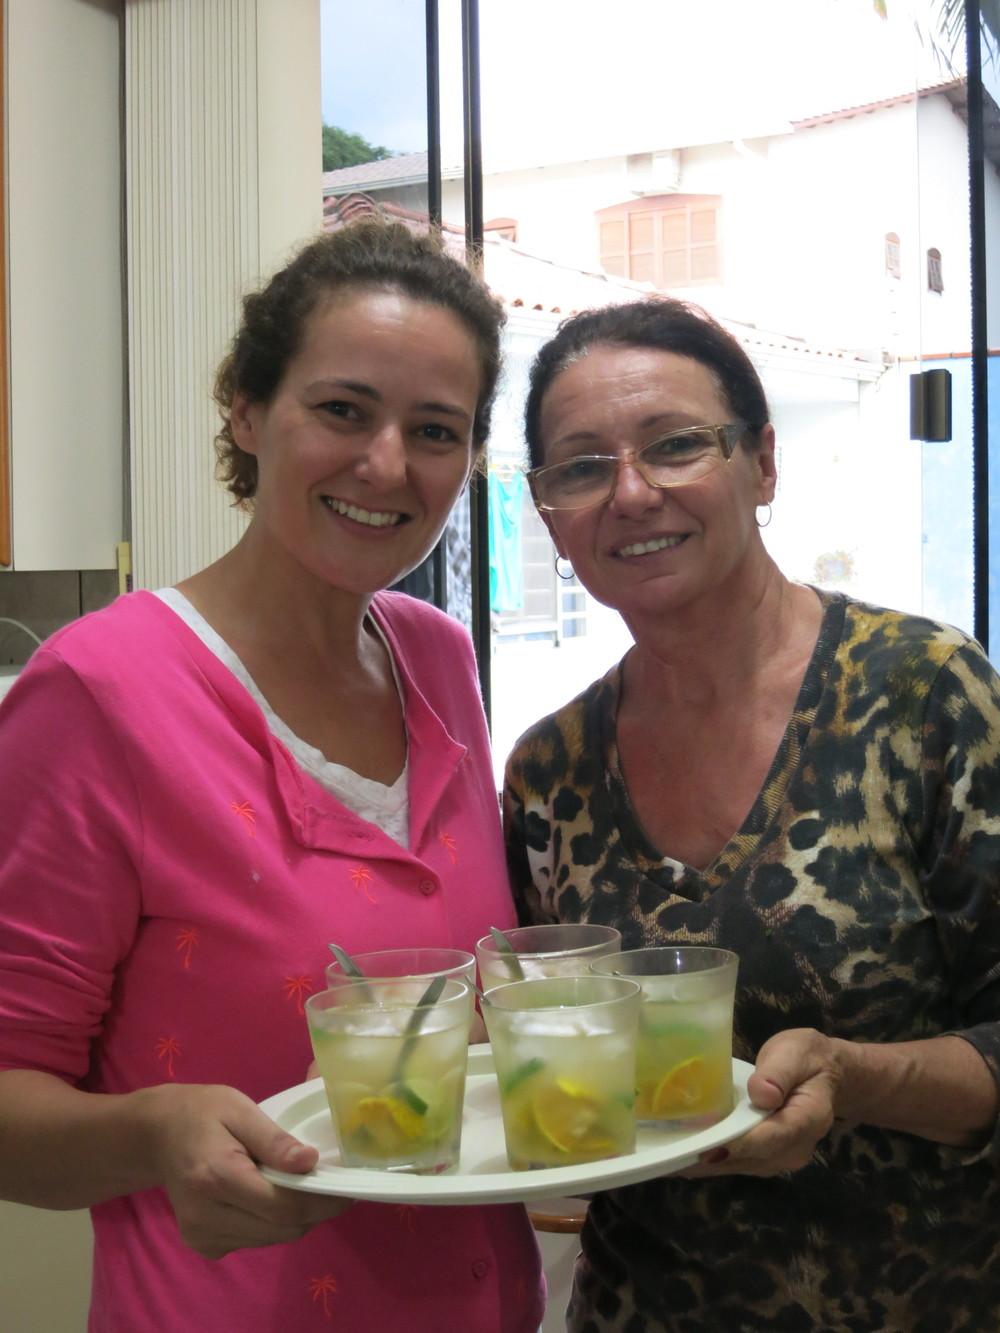 Simone and her mom with caipirinhas